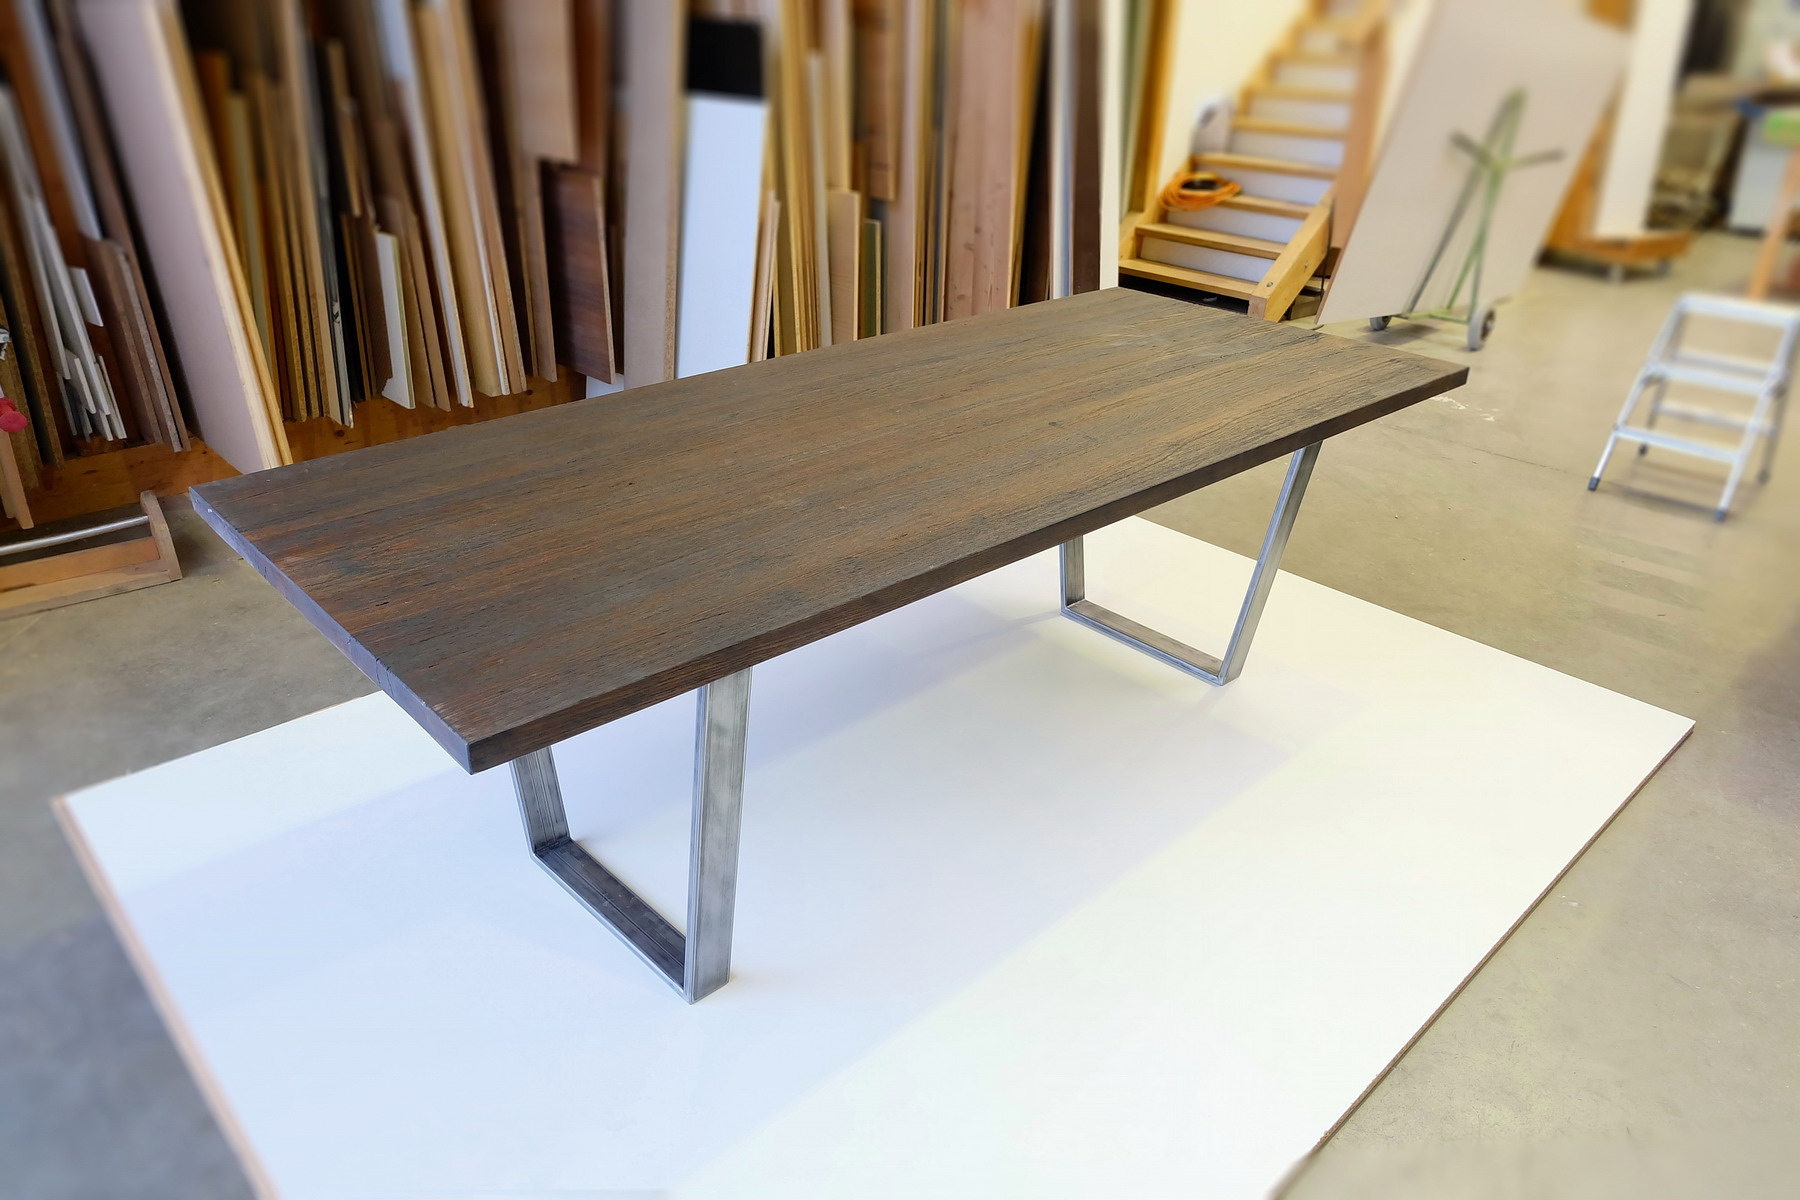 tisch in kupfer eiche resch innenausbau. Black Bedroom Furniture Sets. Home Design Ideas